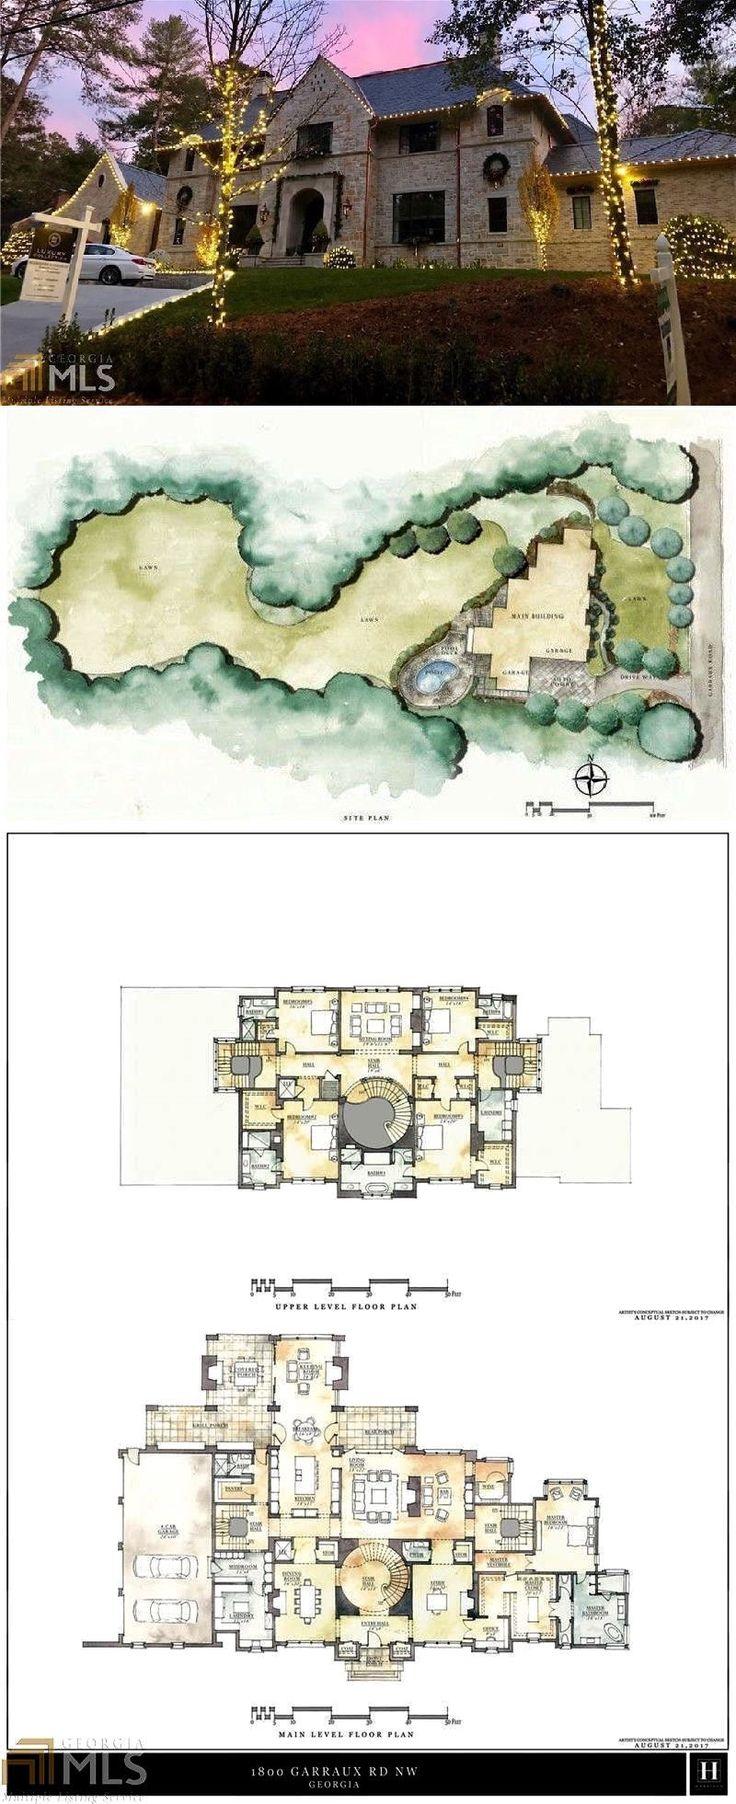 1800 garraux rd nw atlanta ga 30327 en 2019 plans de. Black Bedroom Furniture Sets. Home Design Ideas